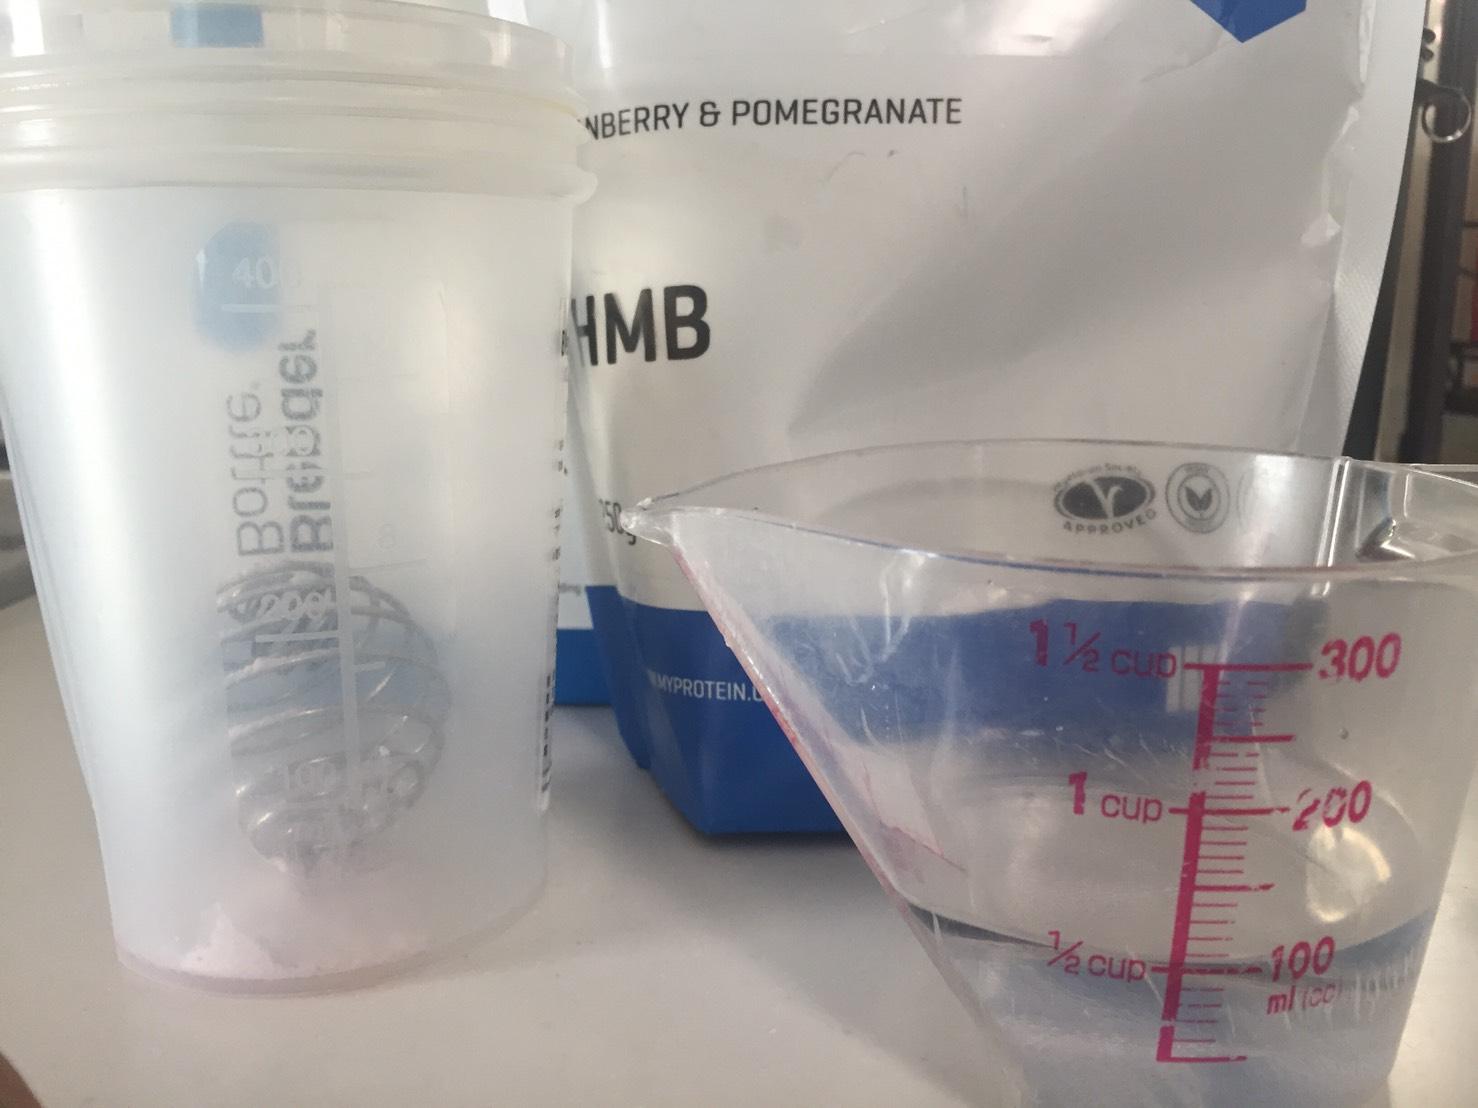 マイプロテインのHMBパウダー「CRANBERRY&POMEGRANATE(クランベリー&ザクロ味)」をレビュー。味も匂いもブルーベリーガム…摂るべき理由と摂取方法、実感も解説!